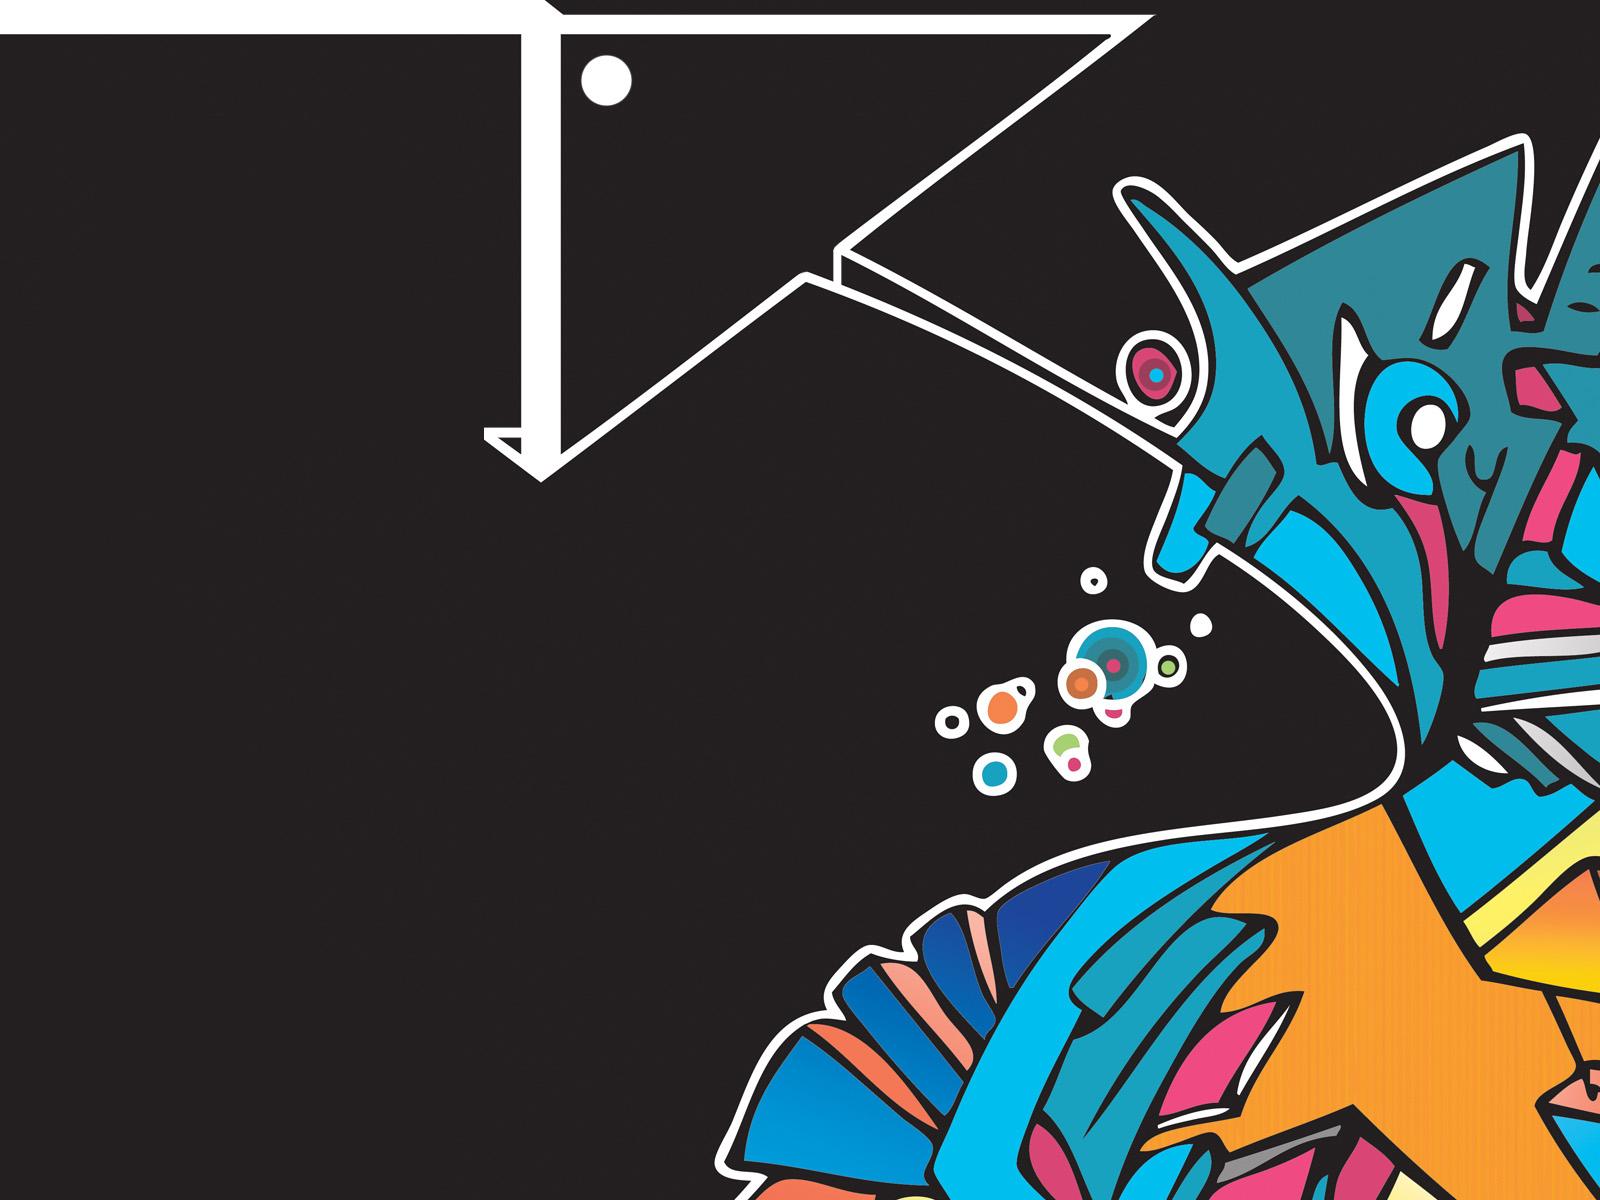 潮流设计壁纸系列-设计欣赏-素材中国-online.sccnn.